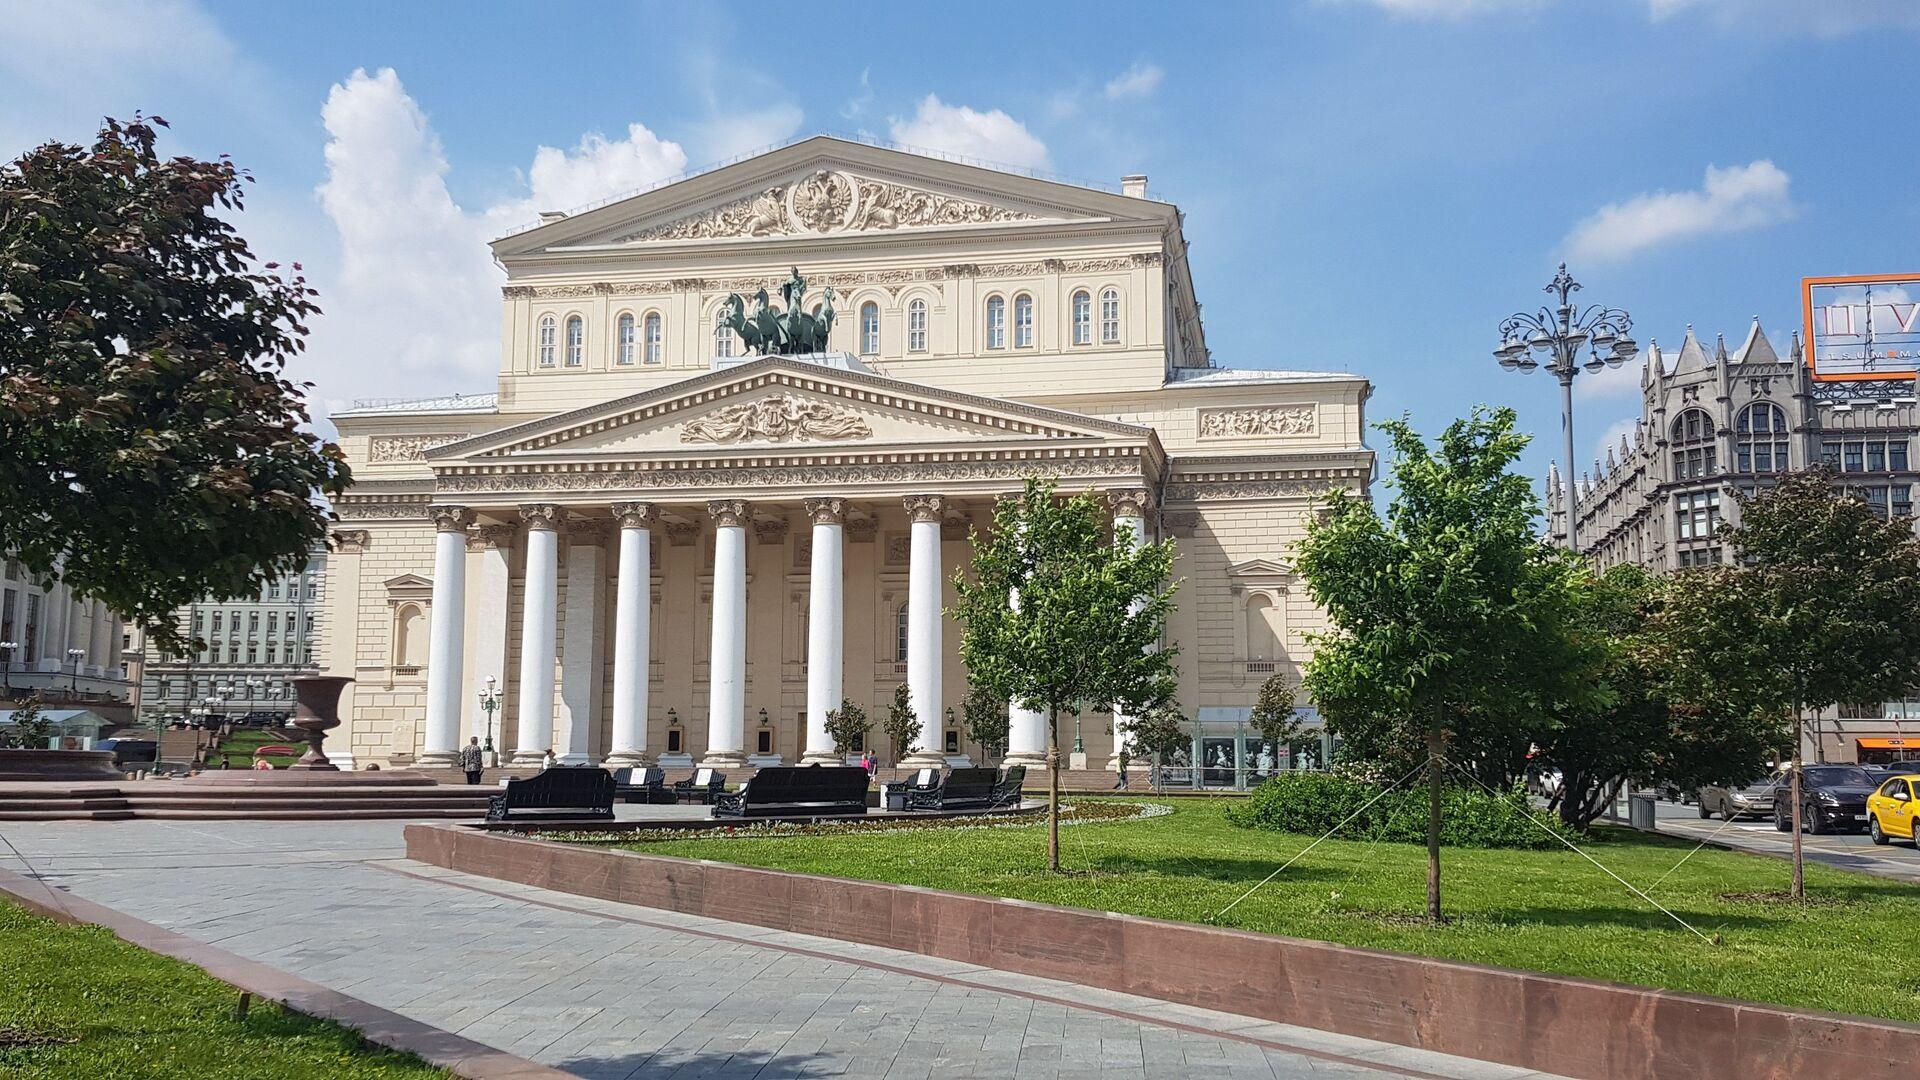 Boljšoj teatar u Moskvi - Sputnik Srbija, 1920, 19.02.2021